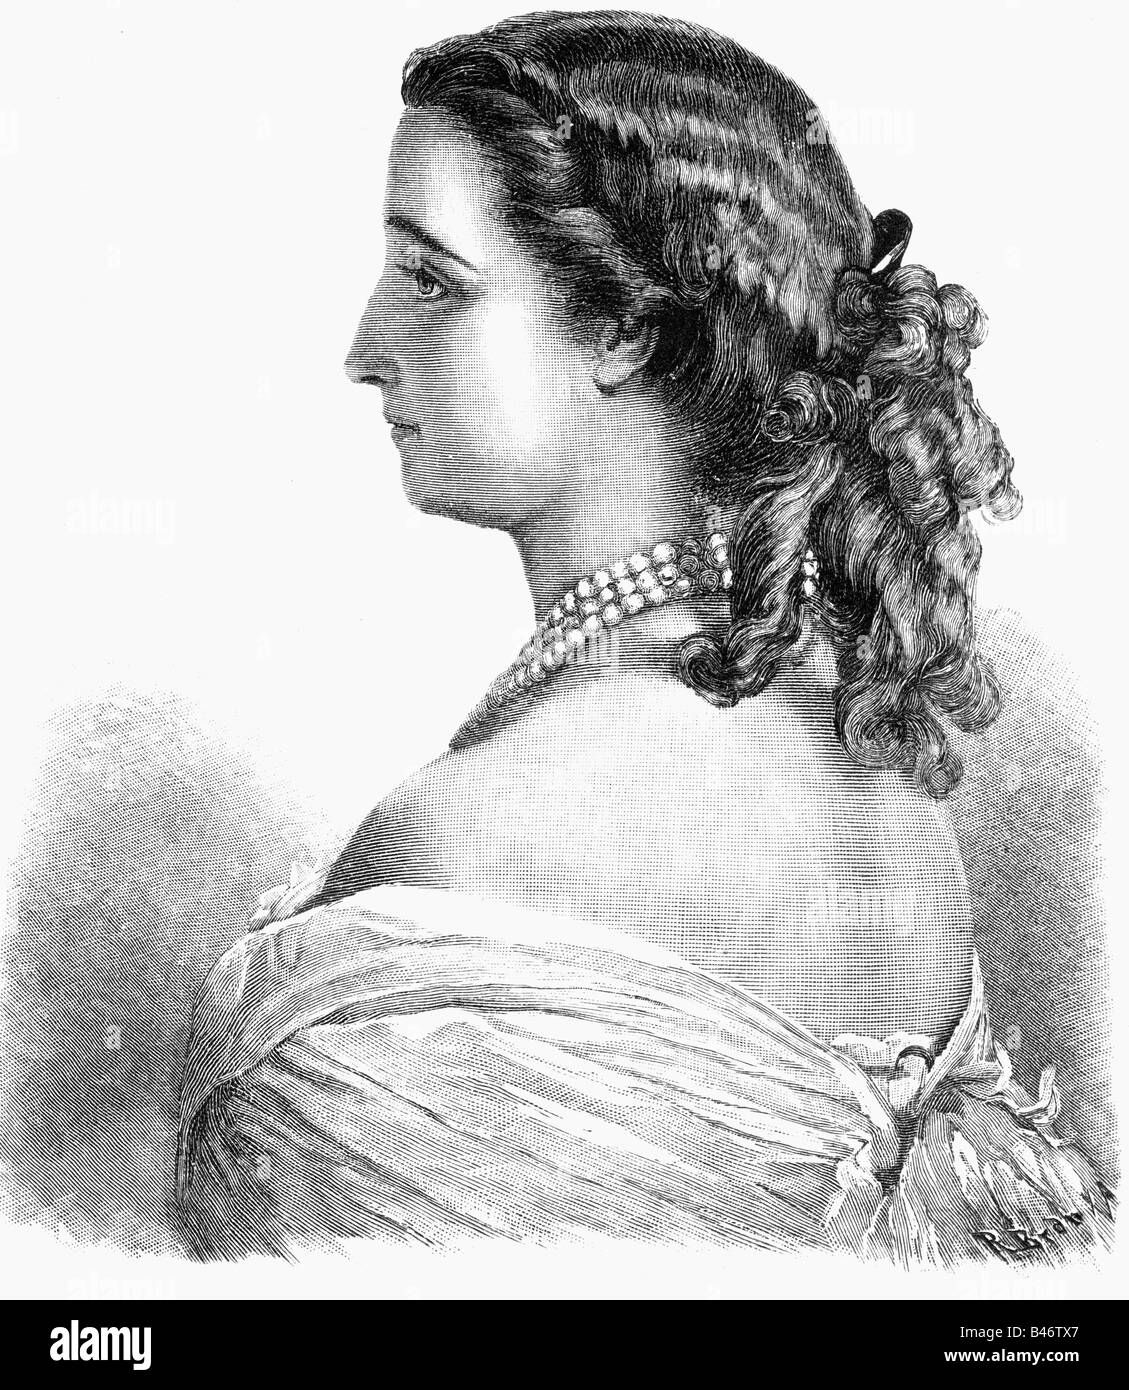 Eugénie, 5.5.1826 - 11.7.1920, Empress Consort de France 30.1.1853 - 4.9.1870, demi-longueur, gravure sur bois après Banque D'Images